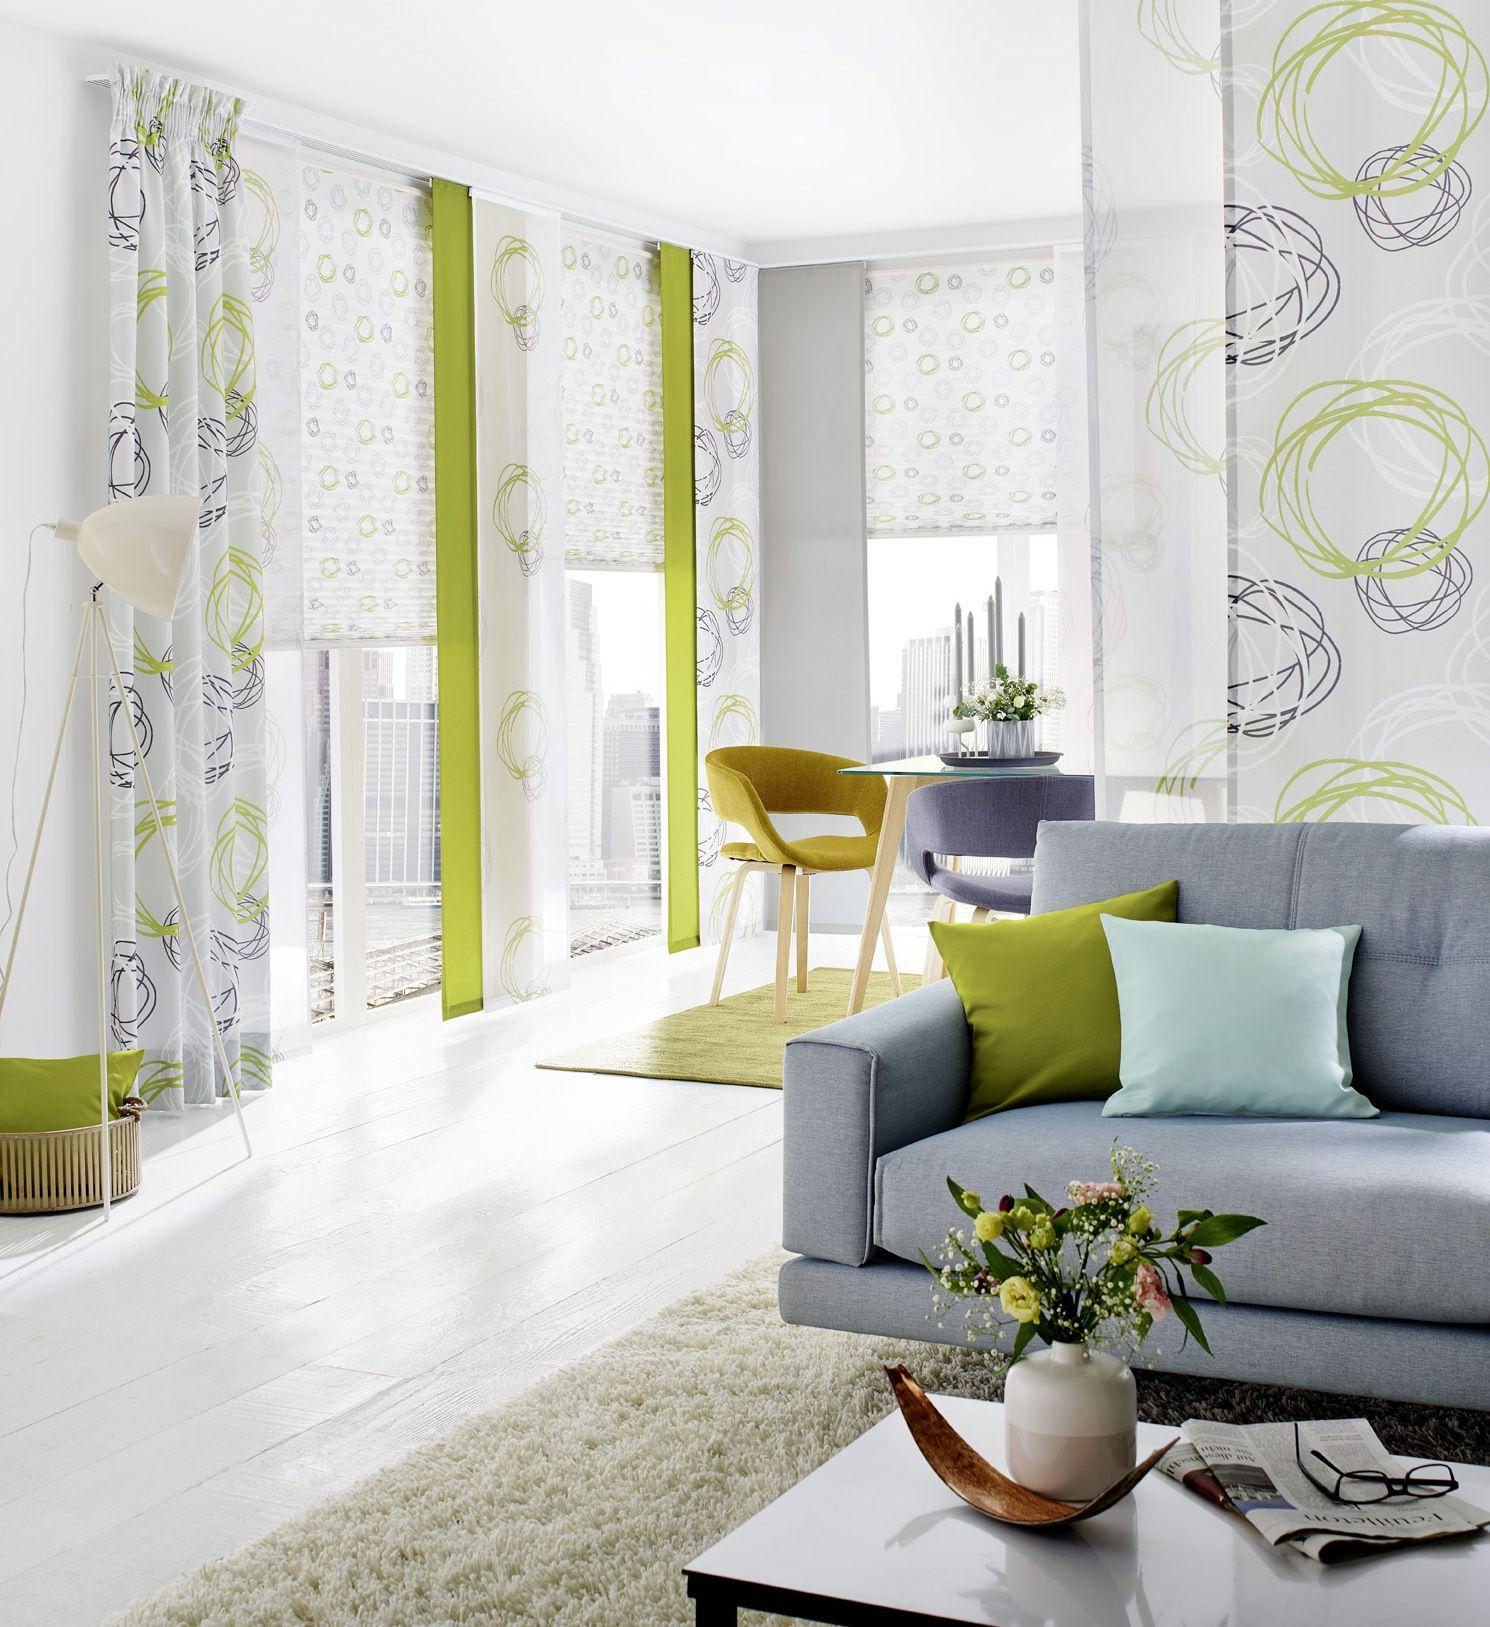 Malerisch Plissee 140 Cm Breit Galerie Von Fenster Renzo, Gardinen, Dekostoffe, Vorhang, Wohnstoffe,plissees ,rollos,ien